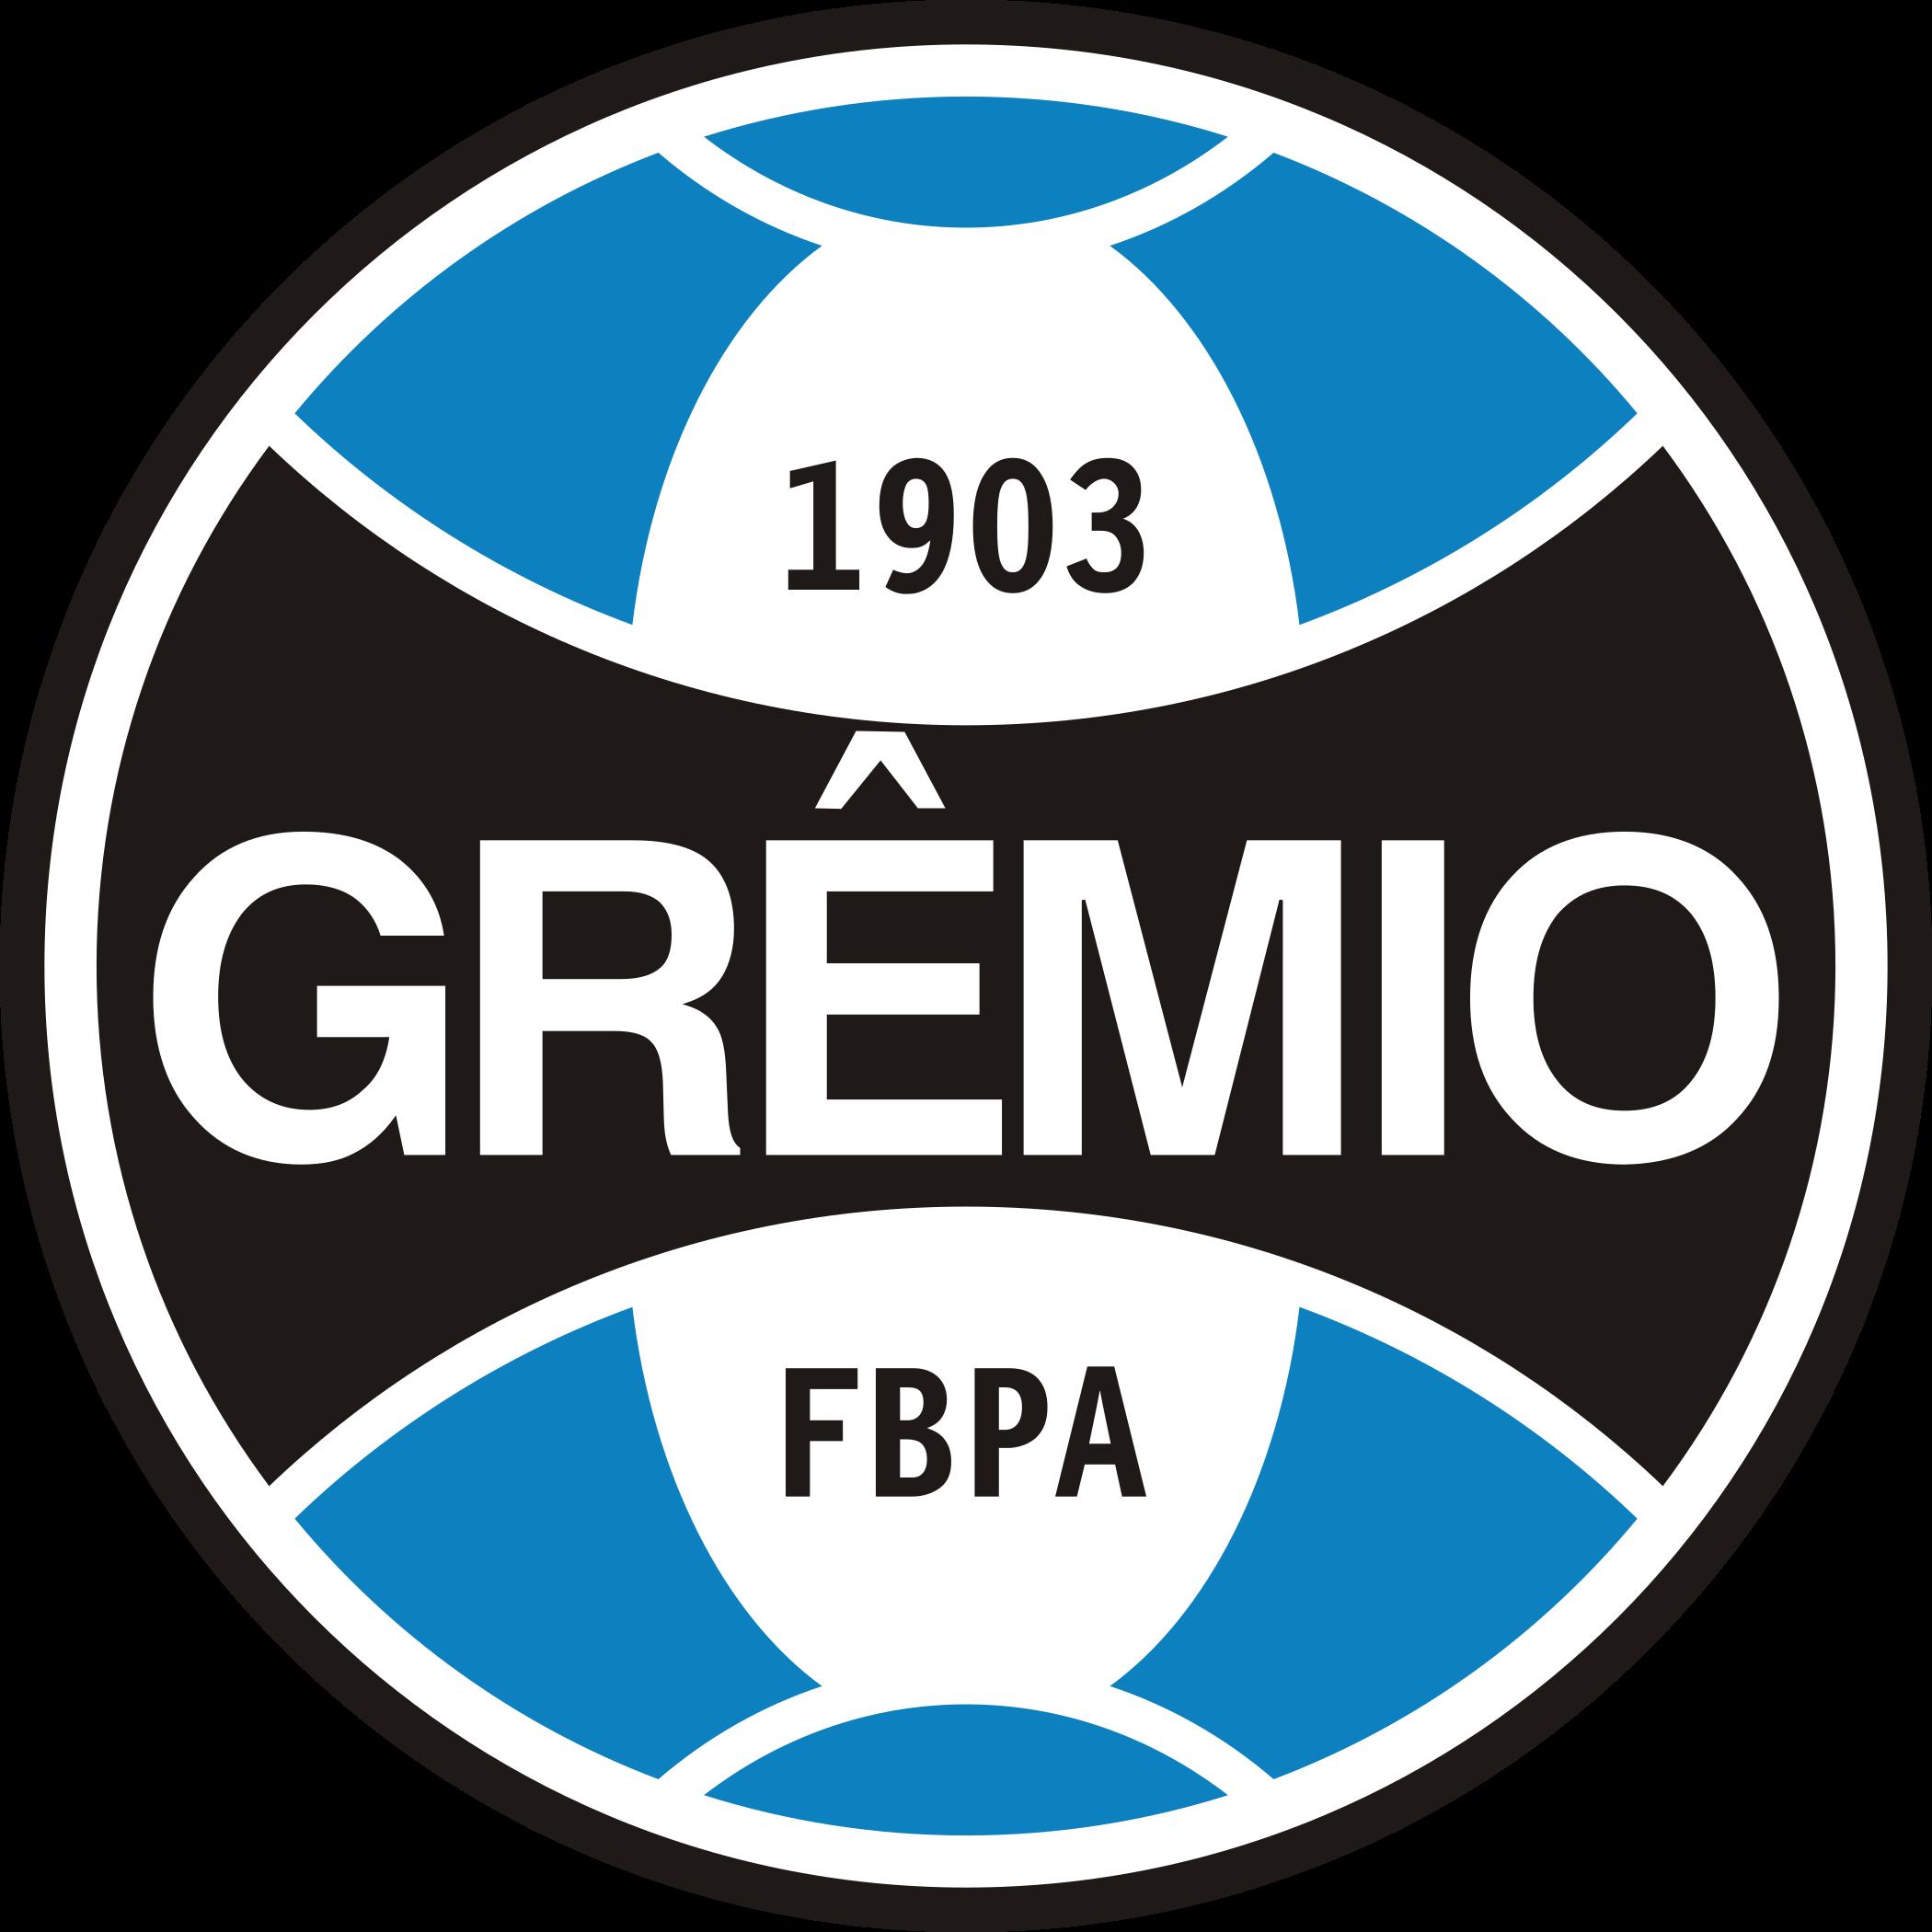 gremio logo escudo 2 - Grêmio Logo – Escudo